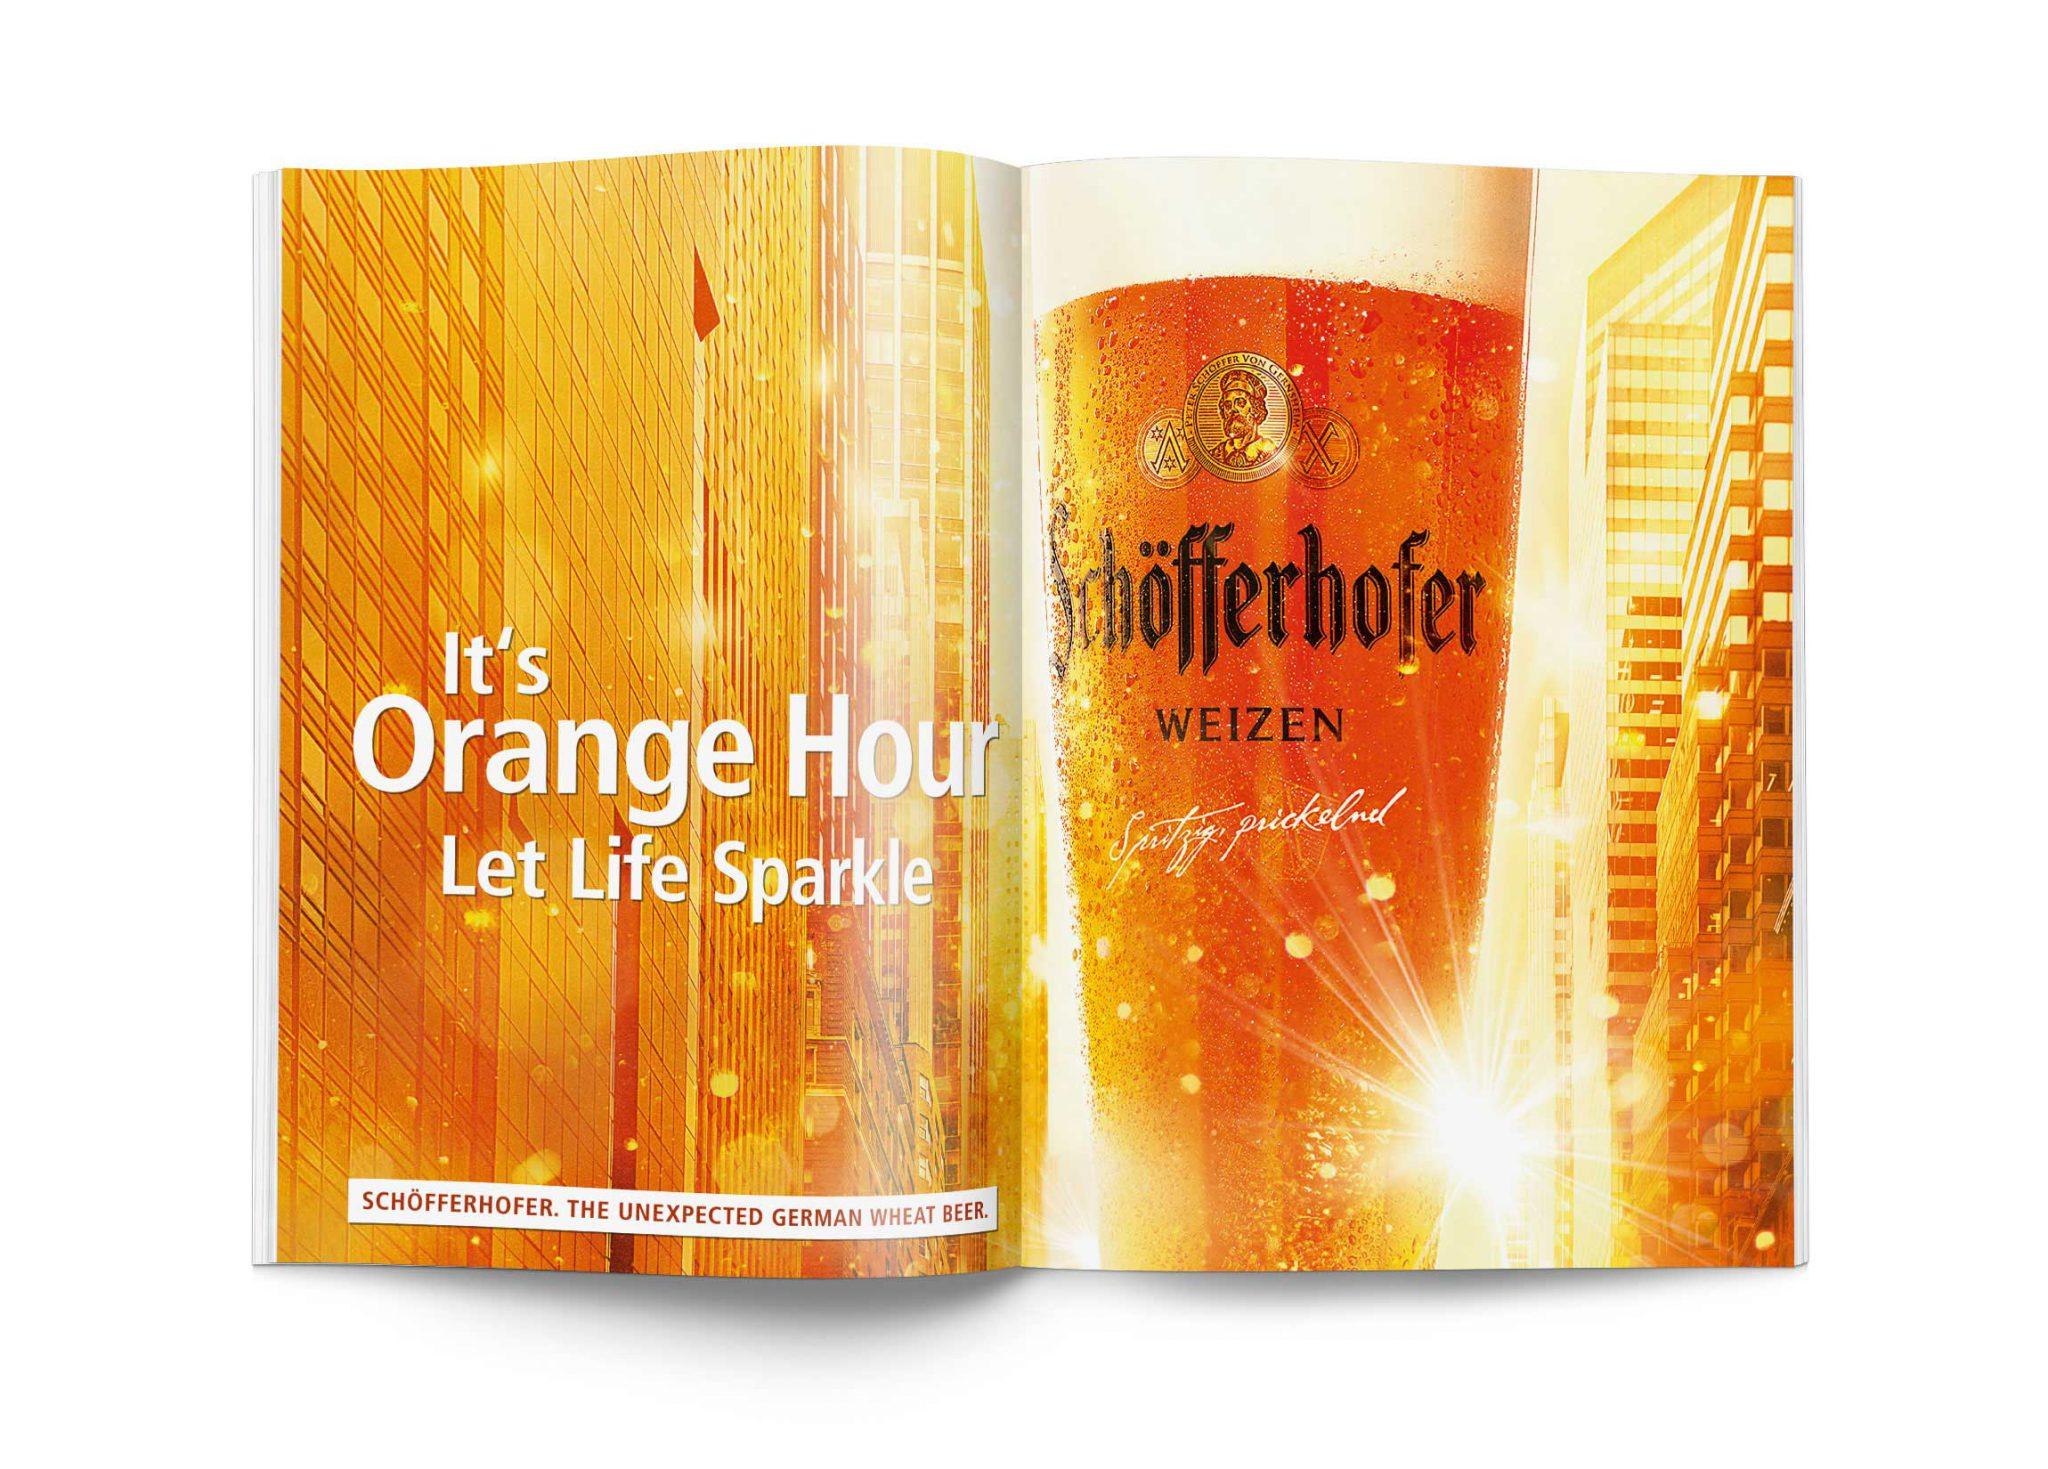 Schoefferhofer Magazine Advert